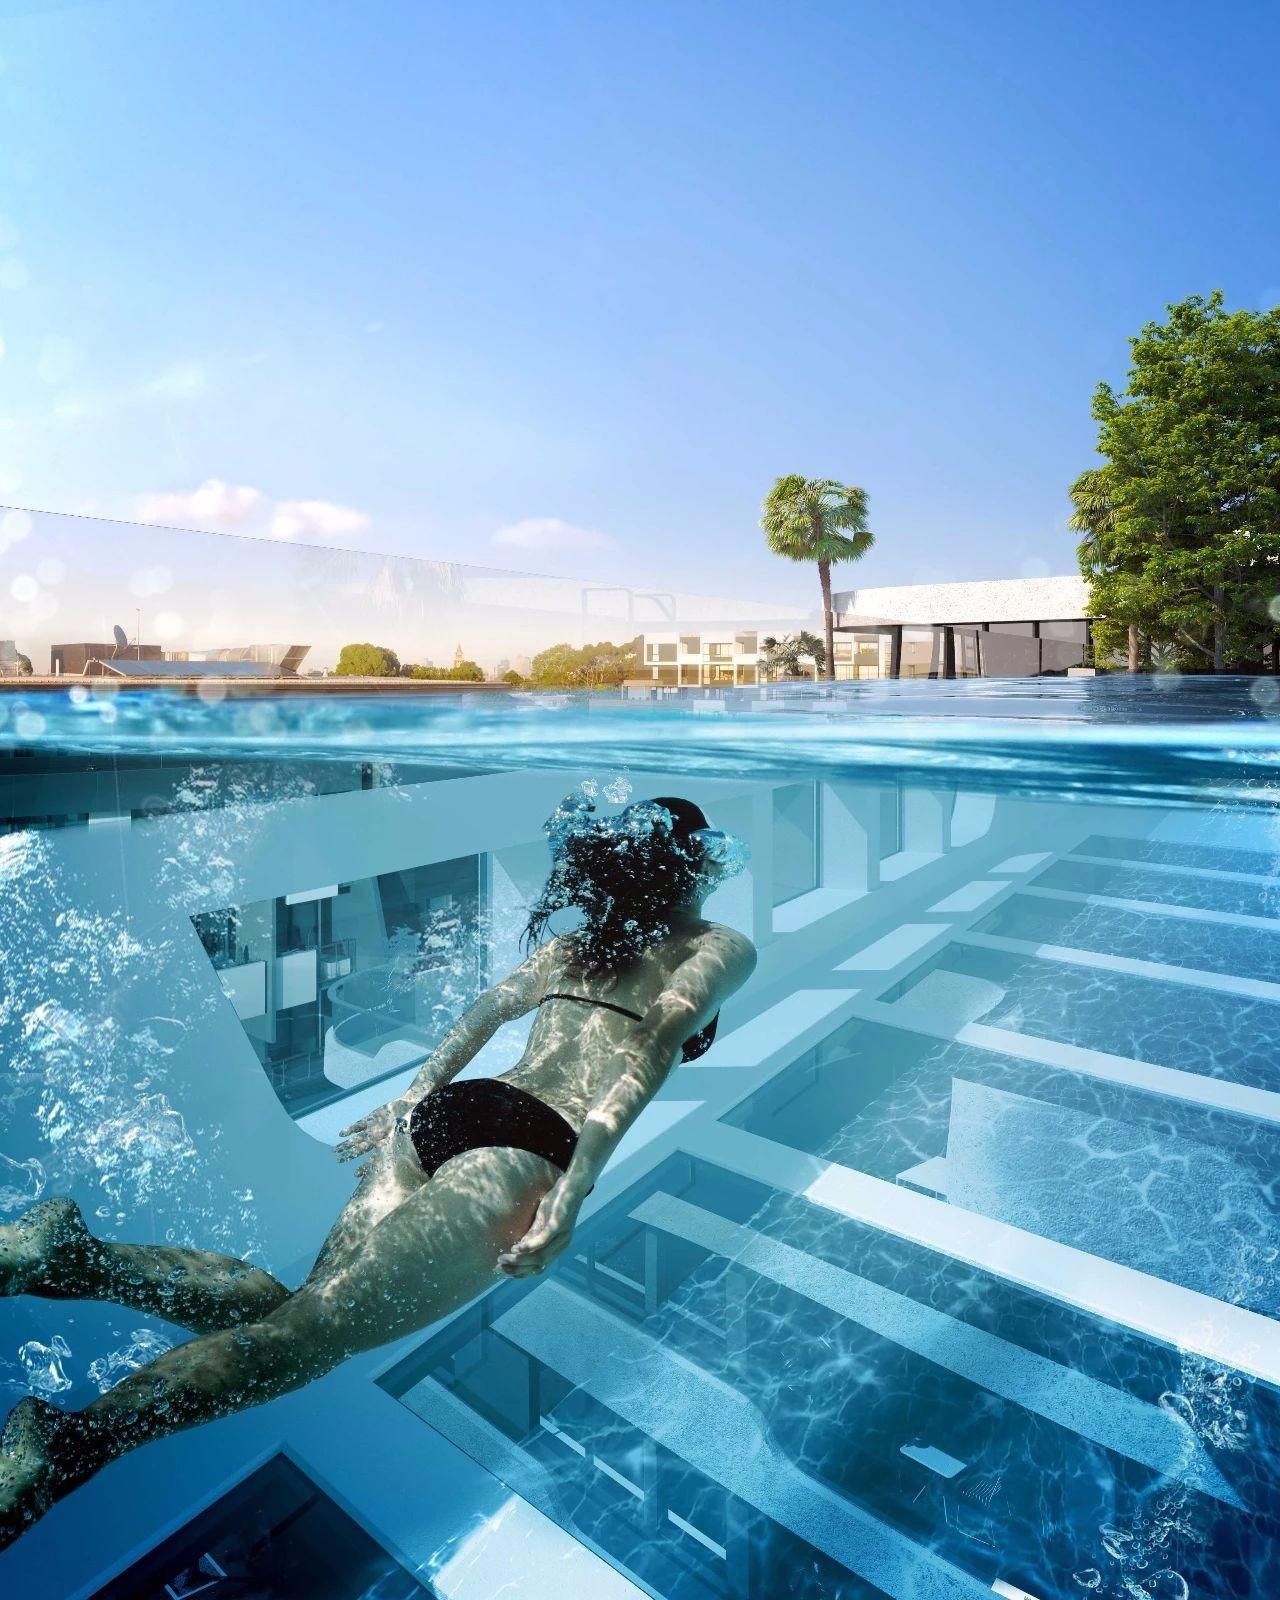 空中泳池_非鬼才 敢设计丨顶层连廊竟被设计成悬浮的空中泳池